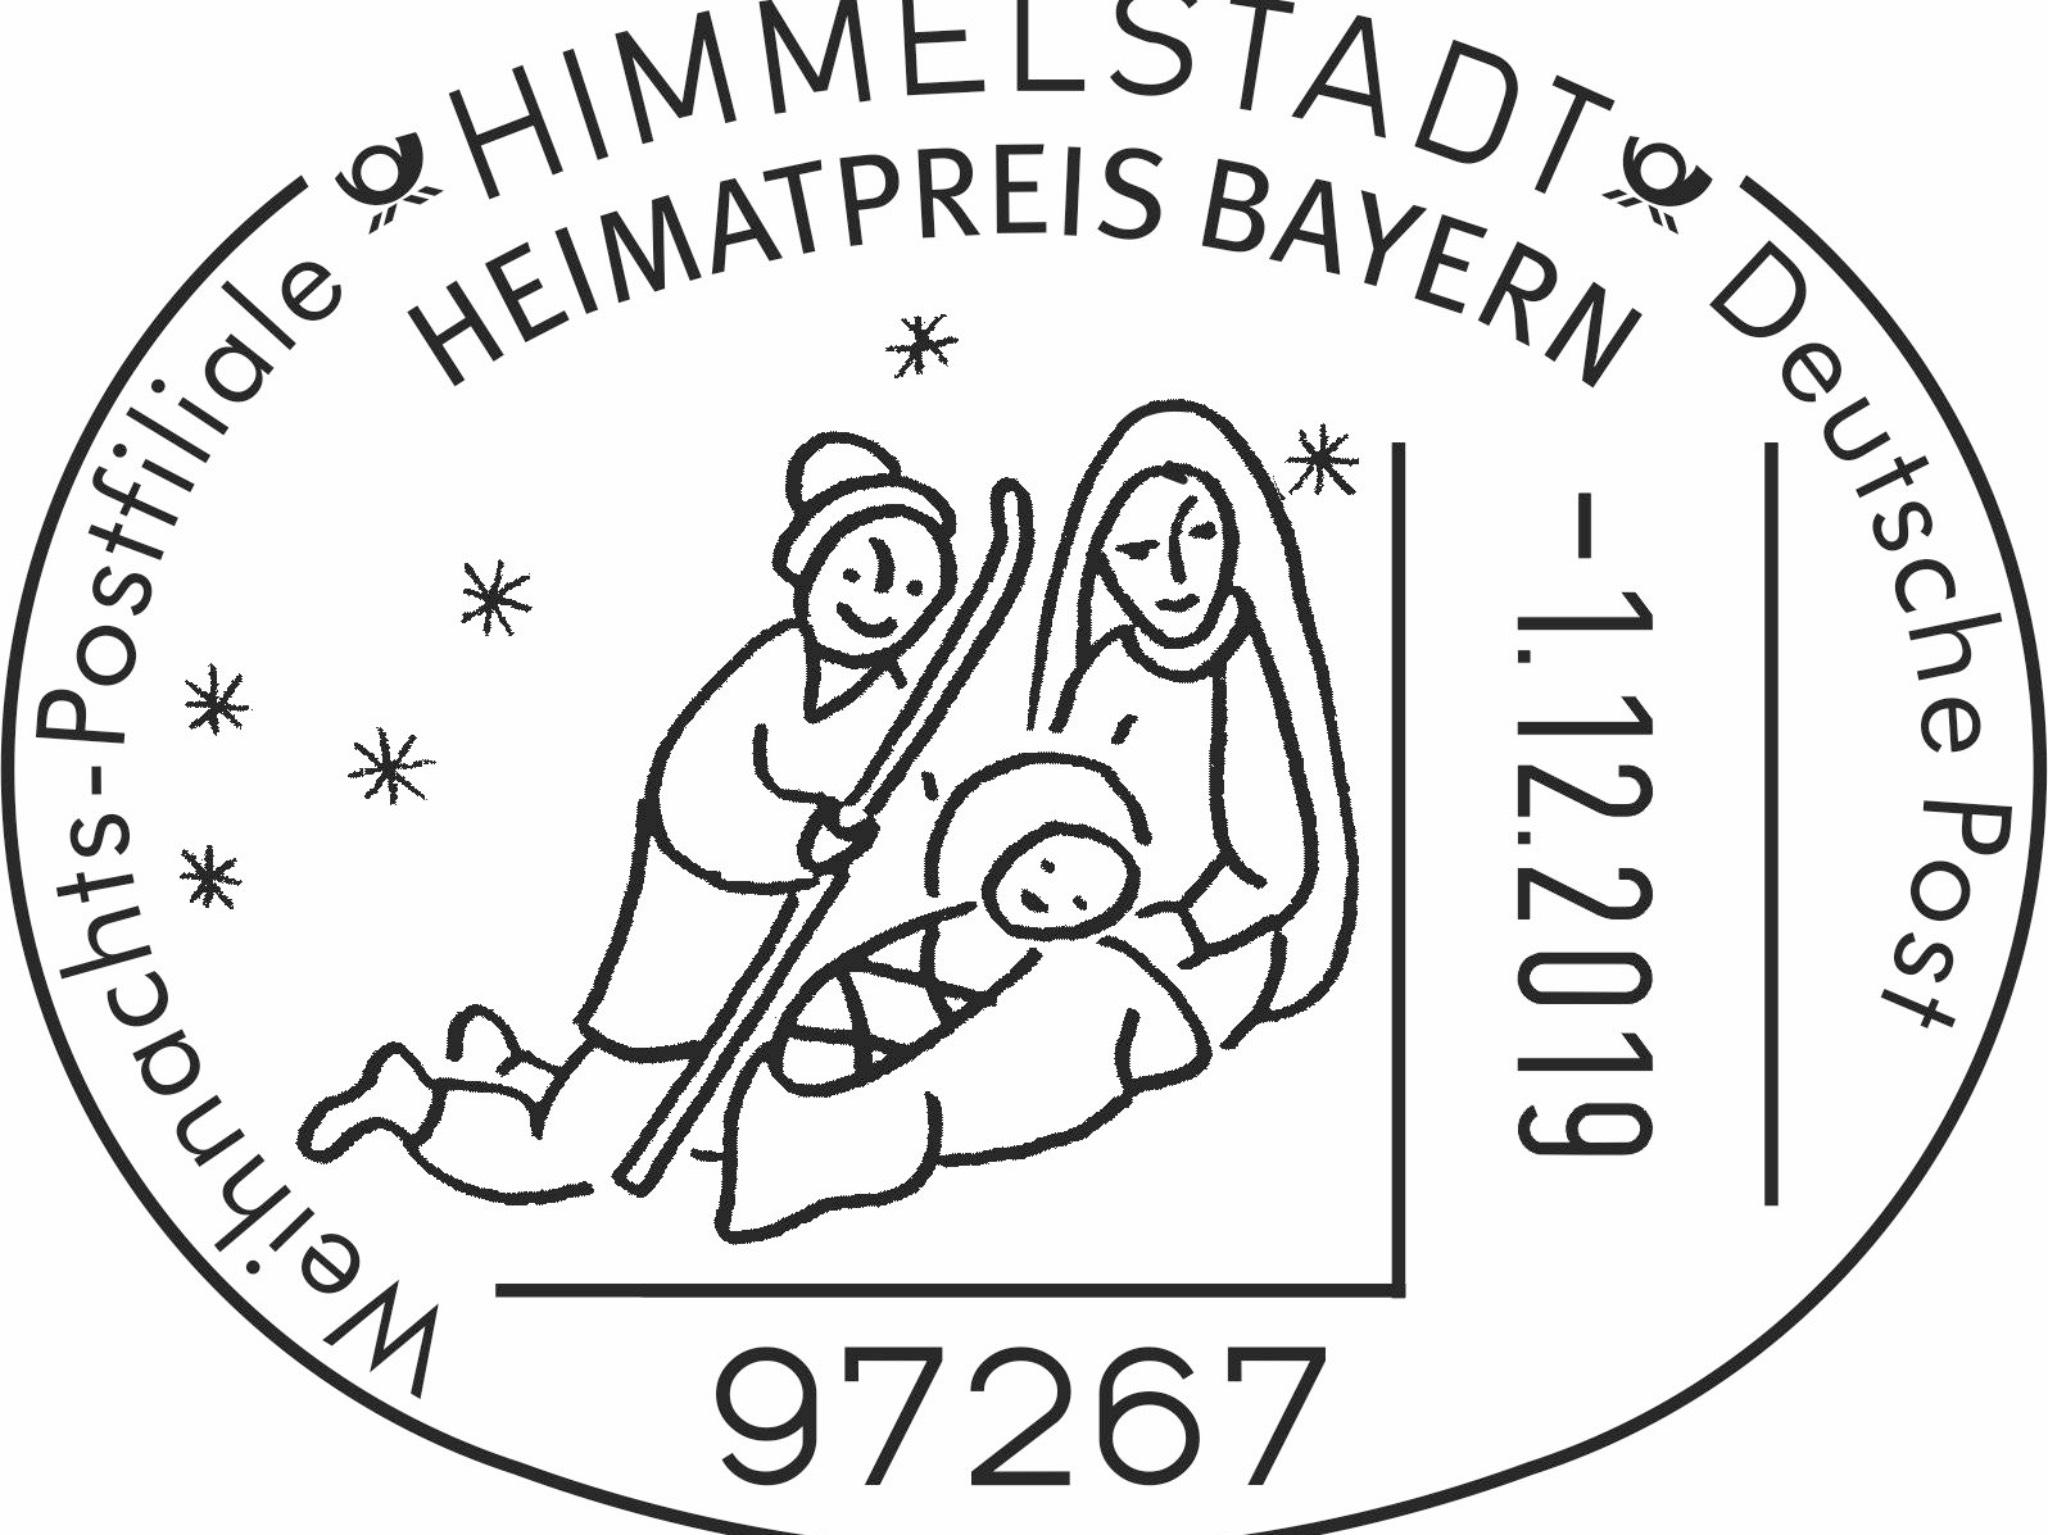 Stempel der Weihnachtspostfiliale Himmelstadt. Foto: Deutsche Post